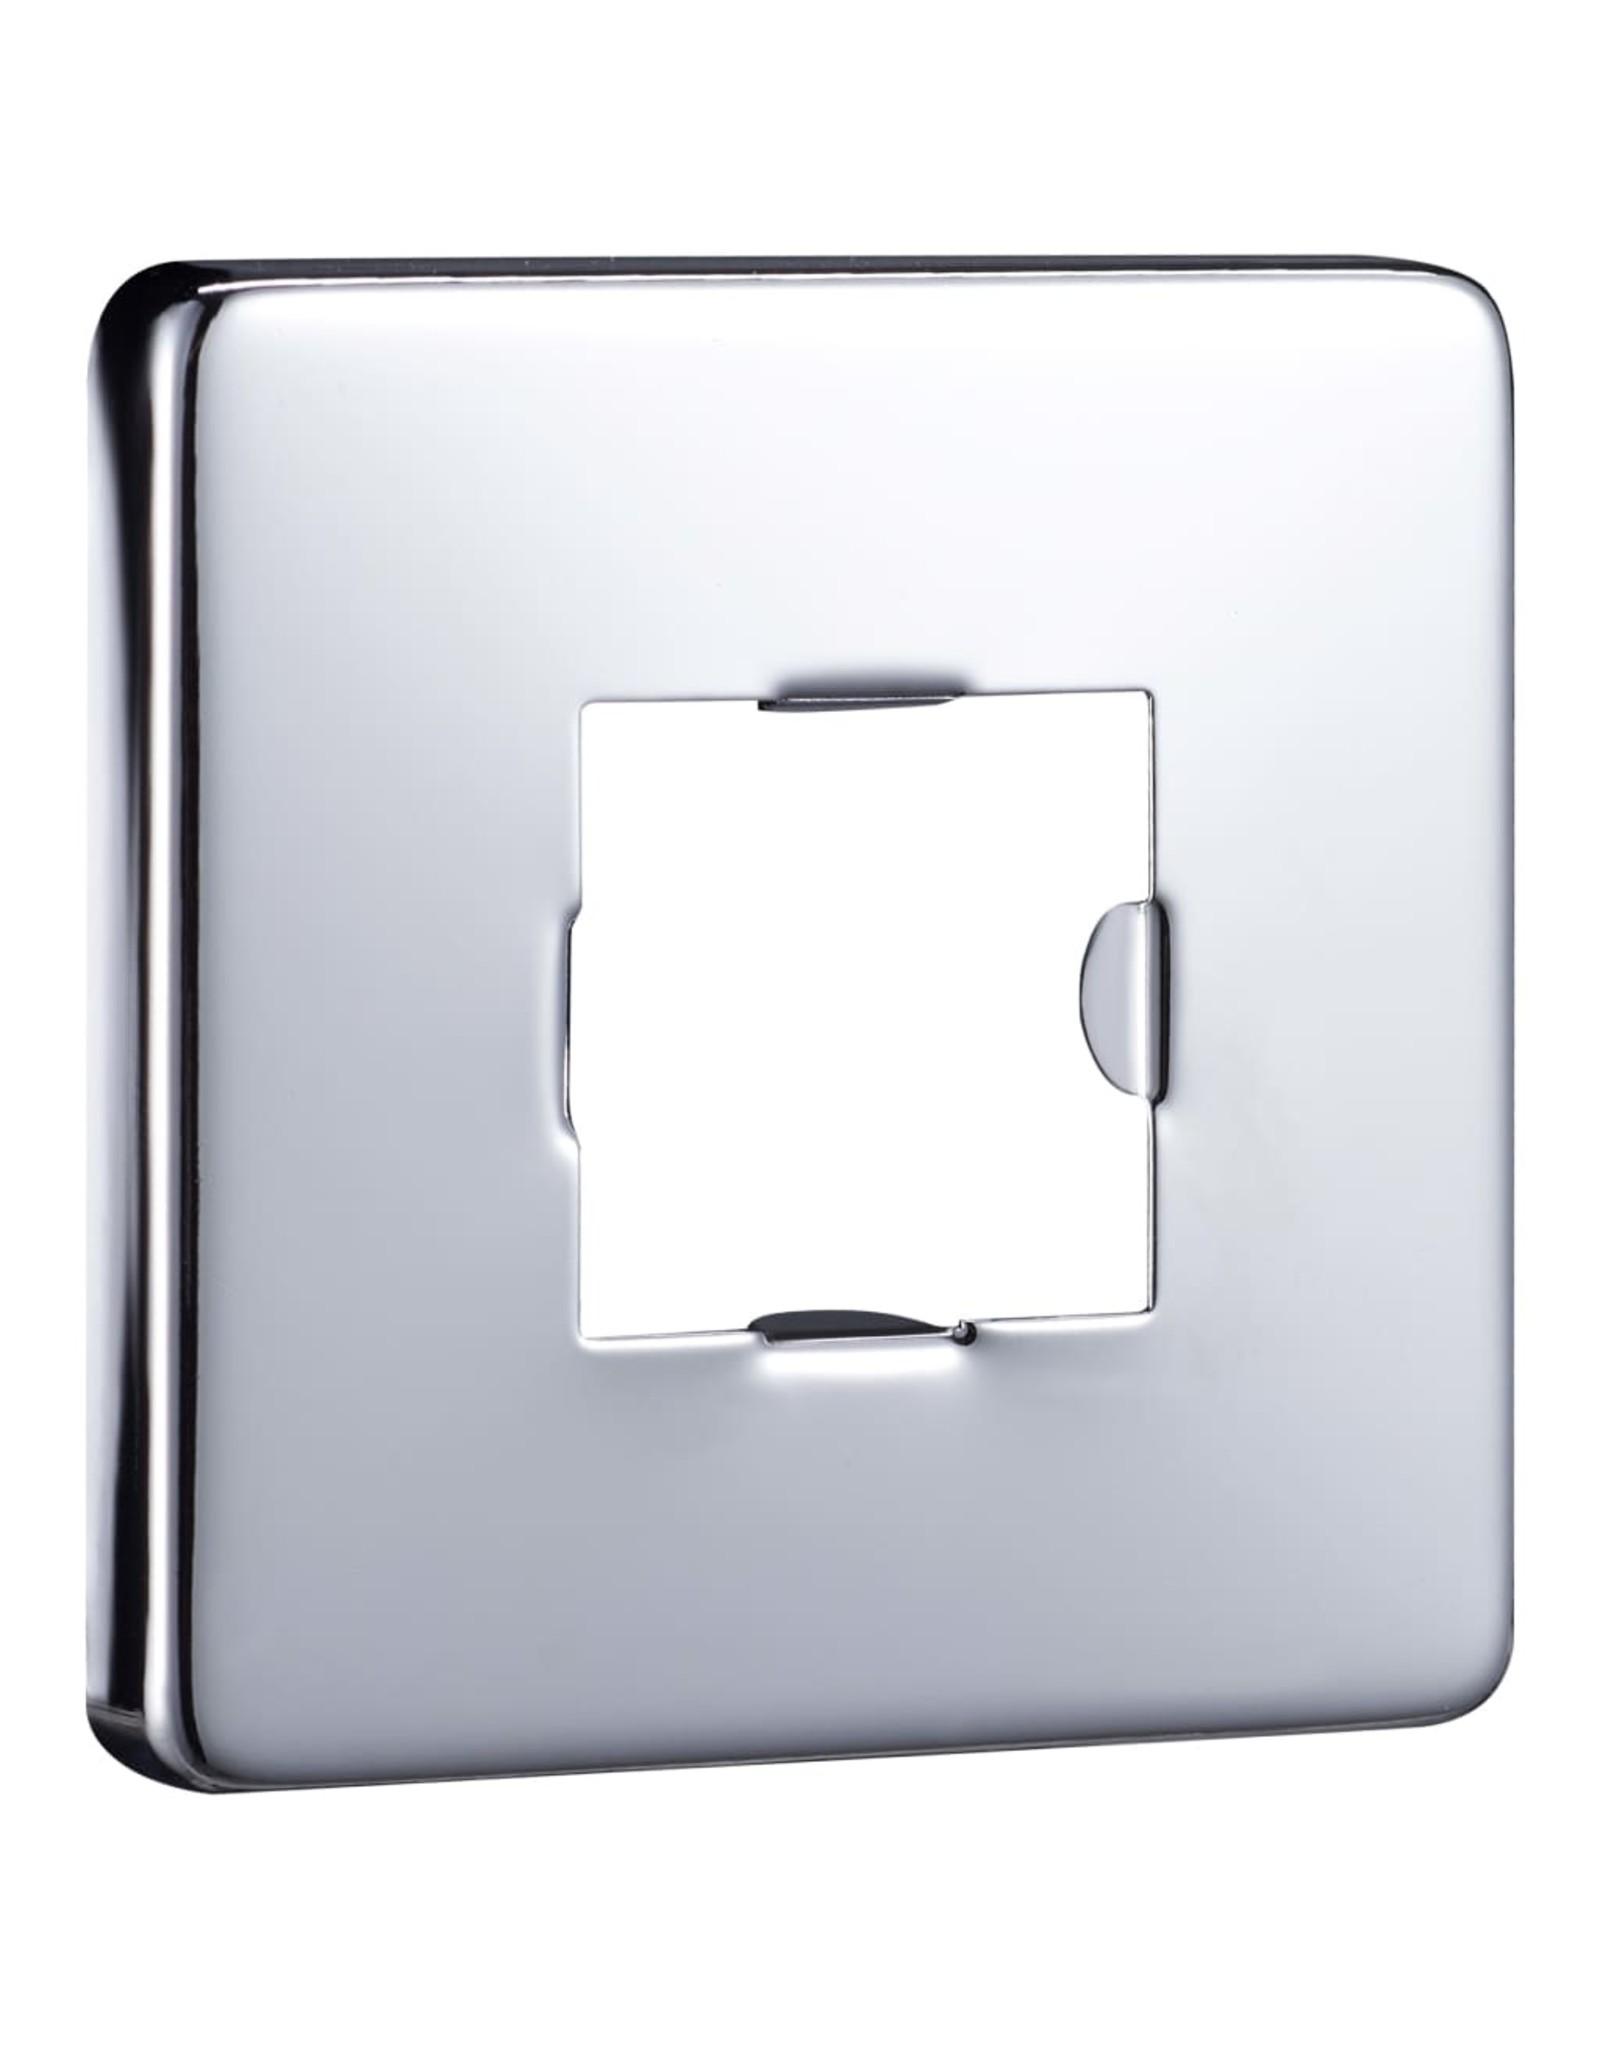 Douchearm vierkant 30 cm roestvrij staal 201 zilverkleurig